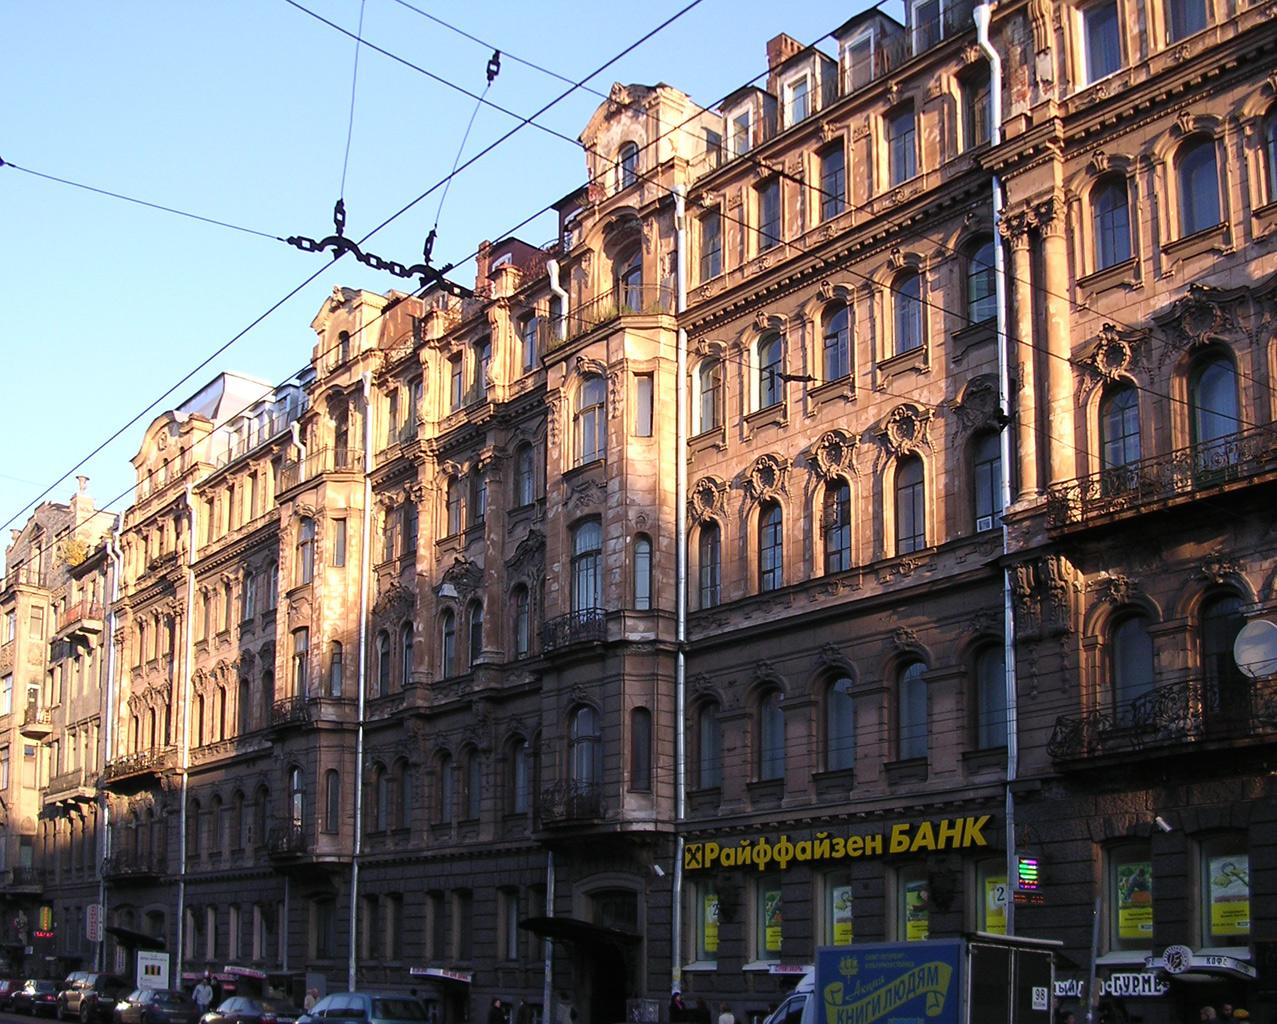 Доходный дом Ю. Бака. Фото: citywalls.ru